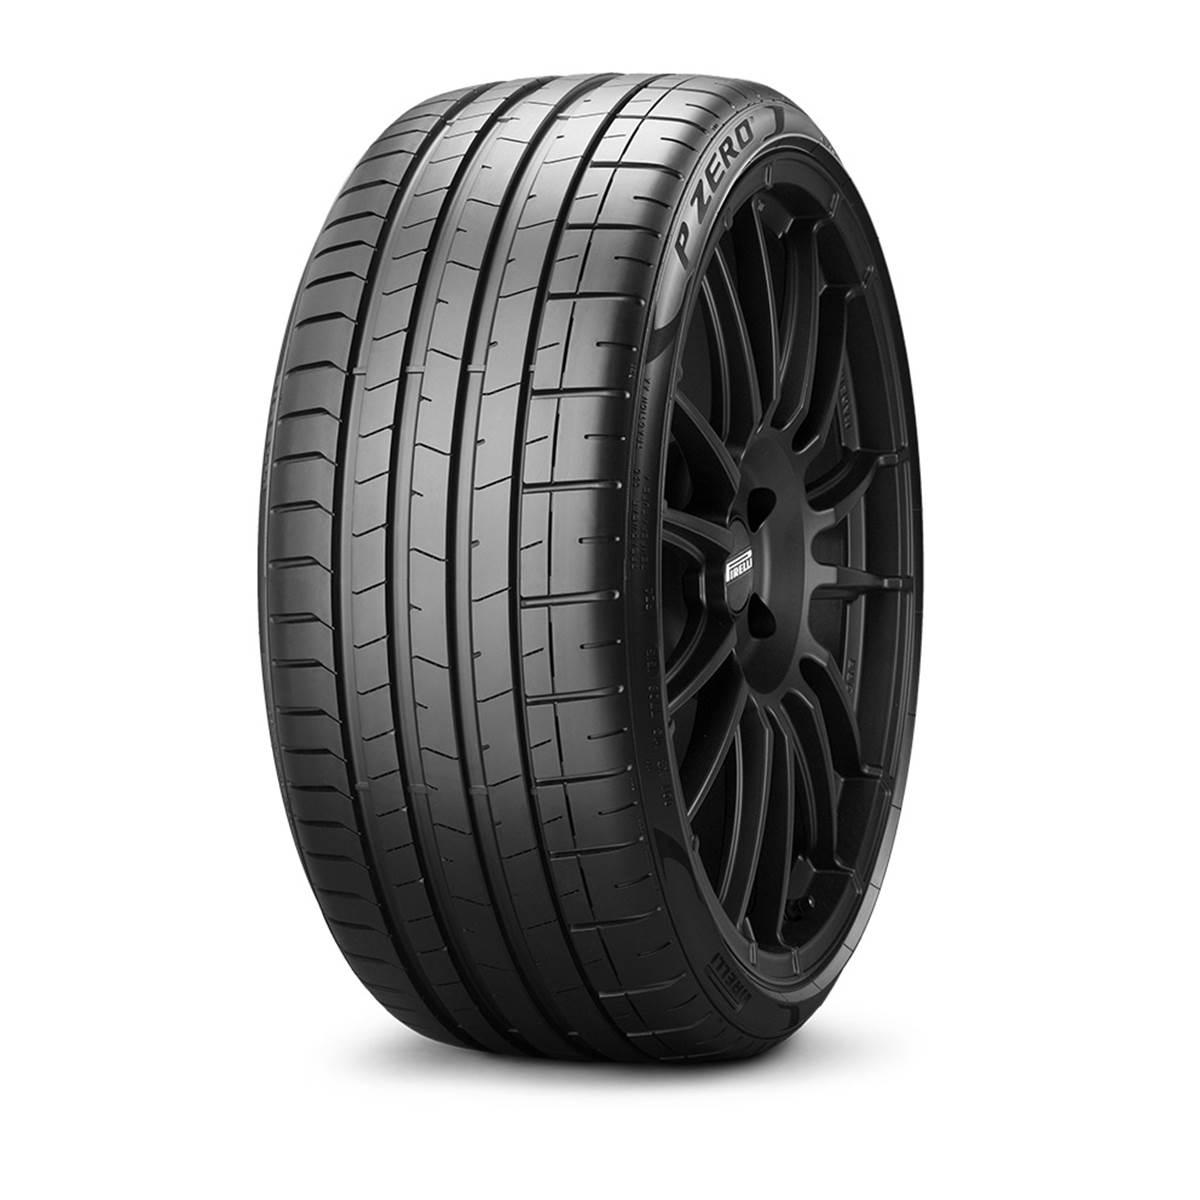 Pneu Pirelli 245/30R20 90Y Pzero XL